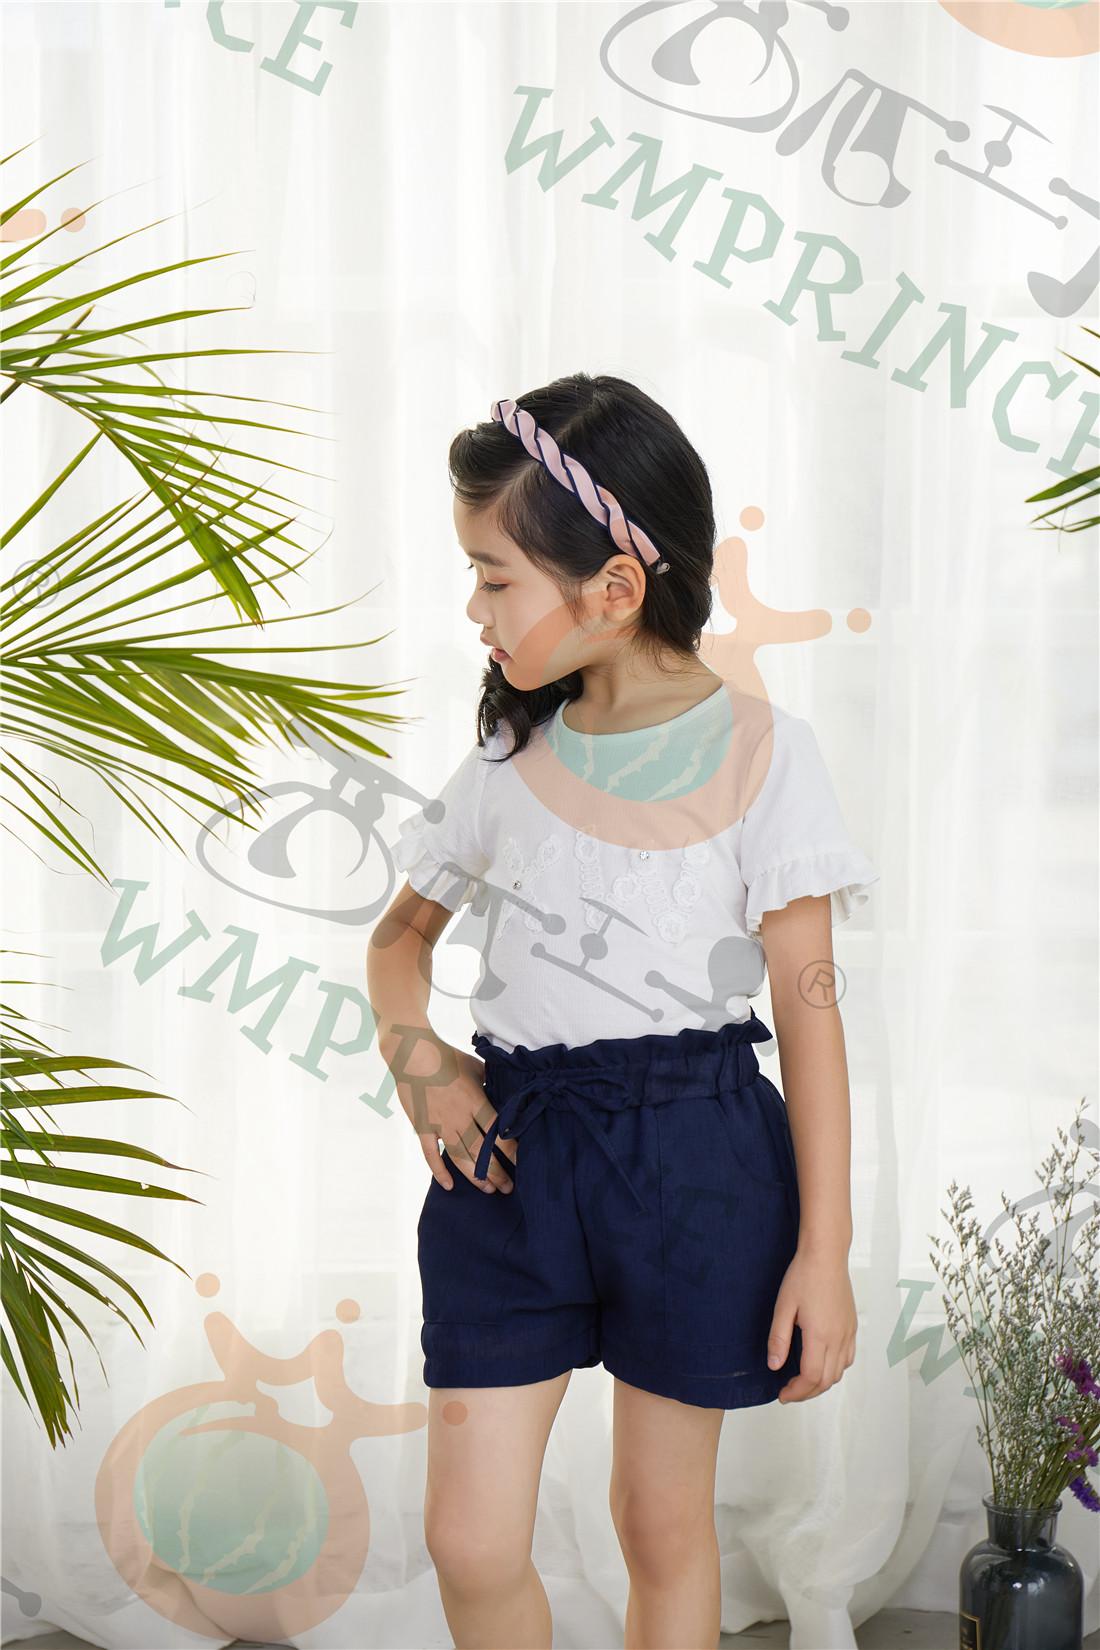 西瓜王子童装品质高价格低,多元化设计萌翻全世界